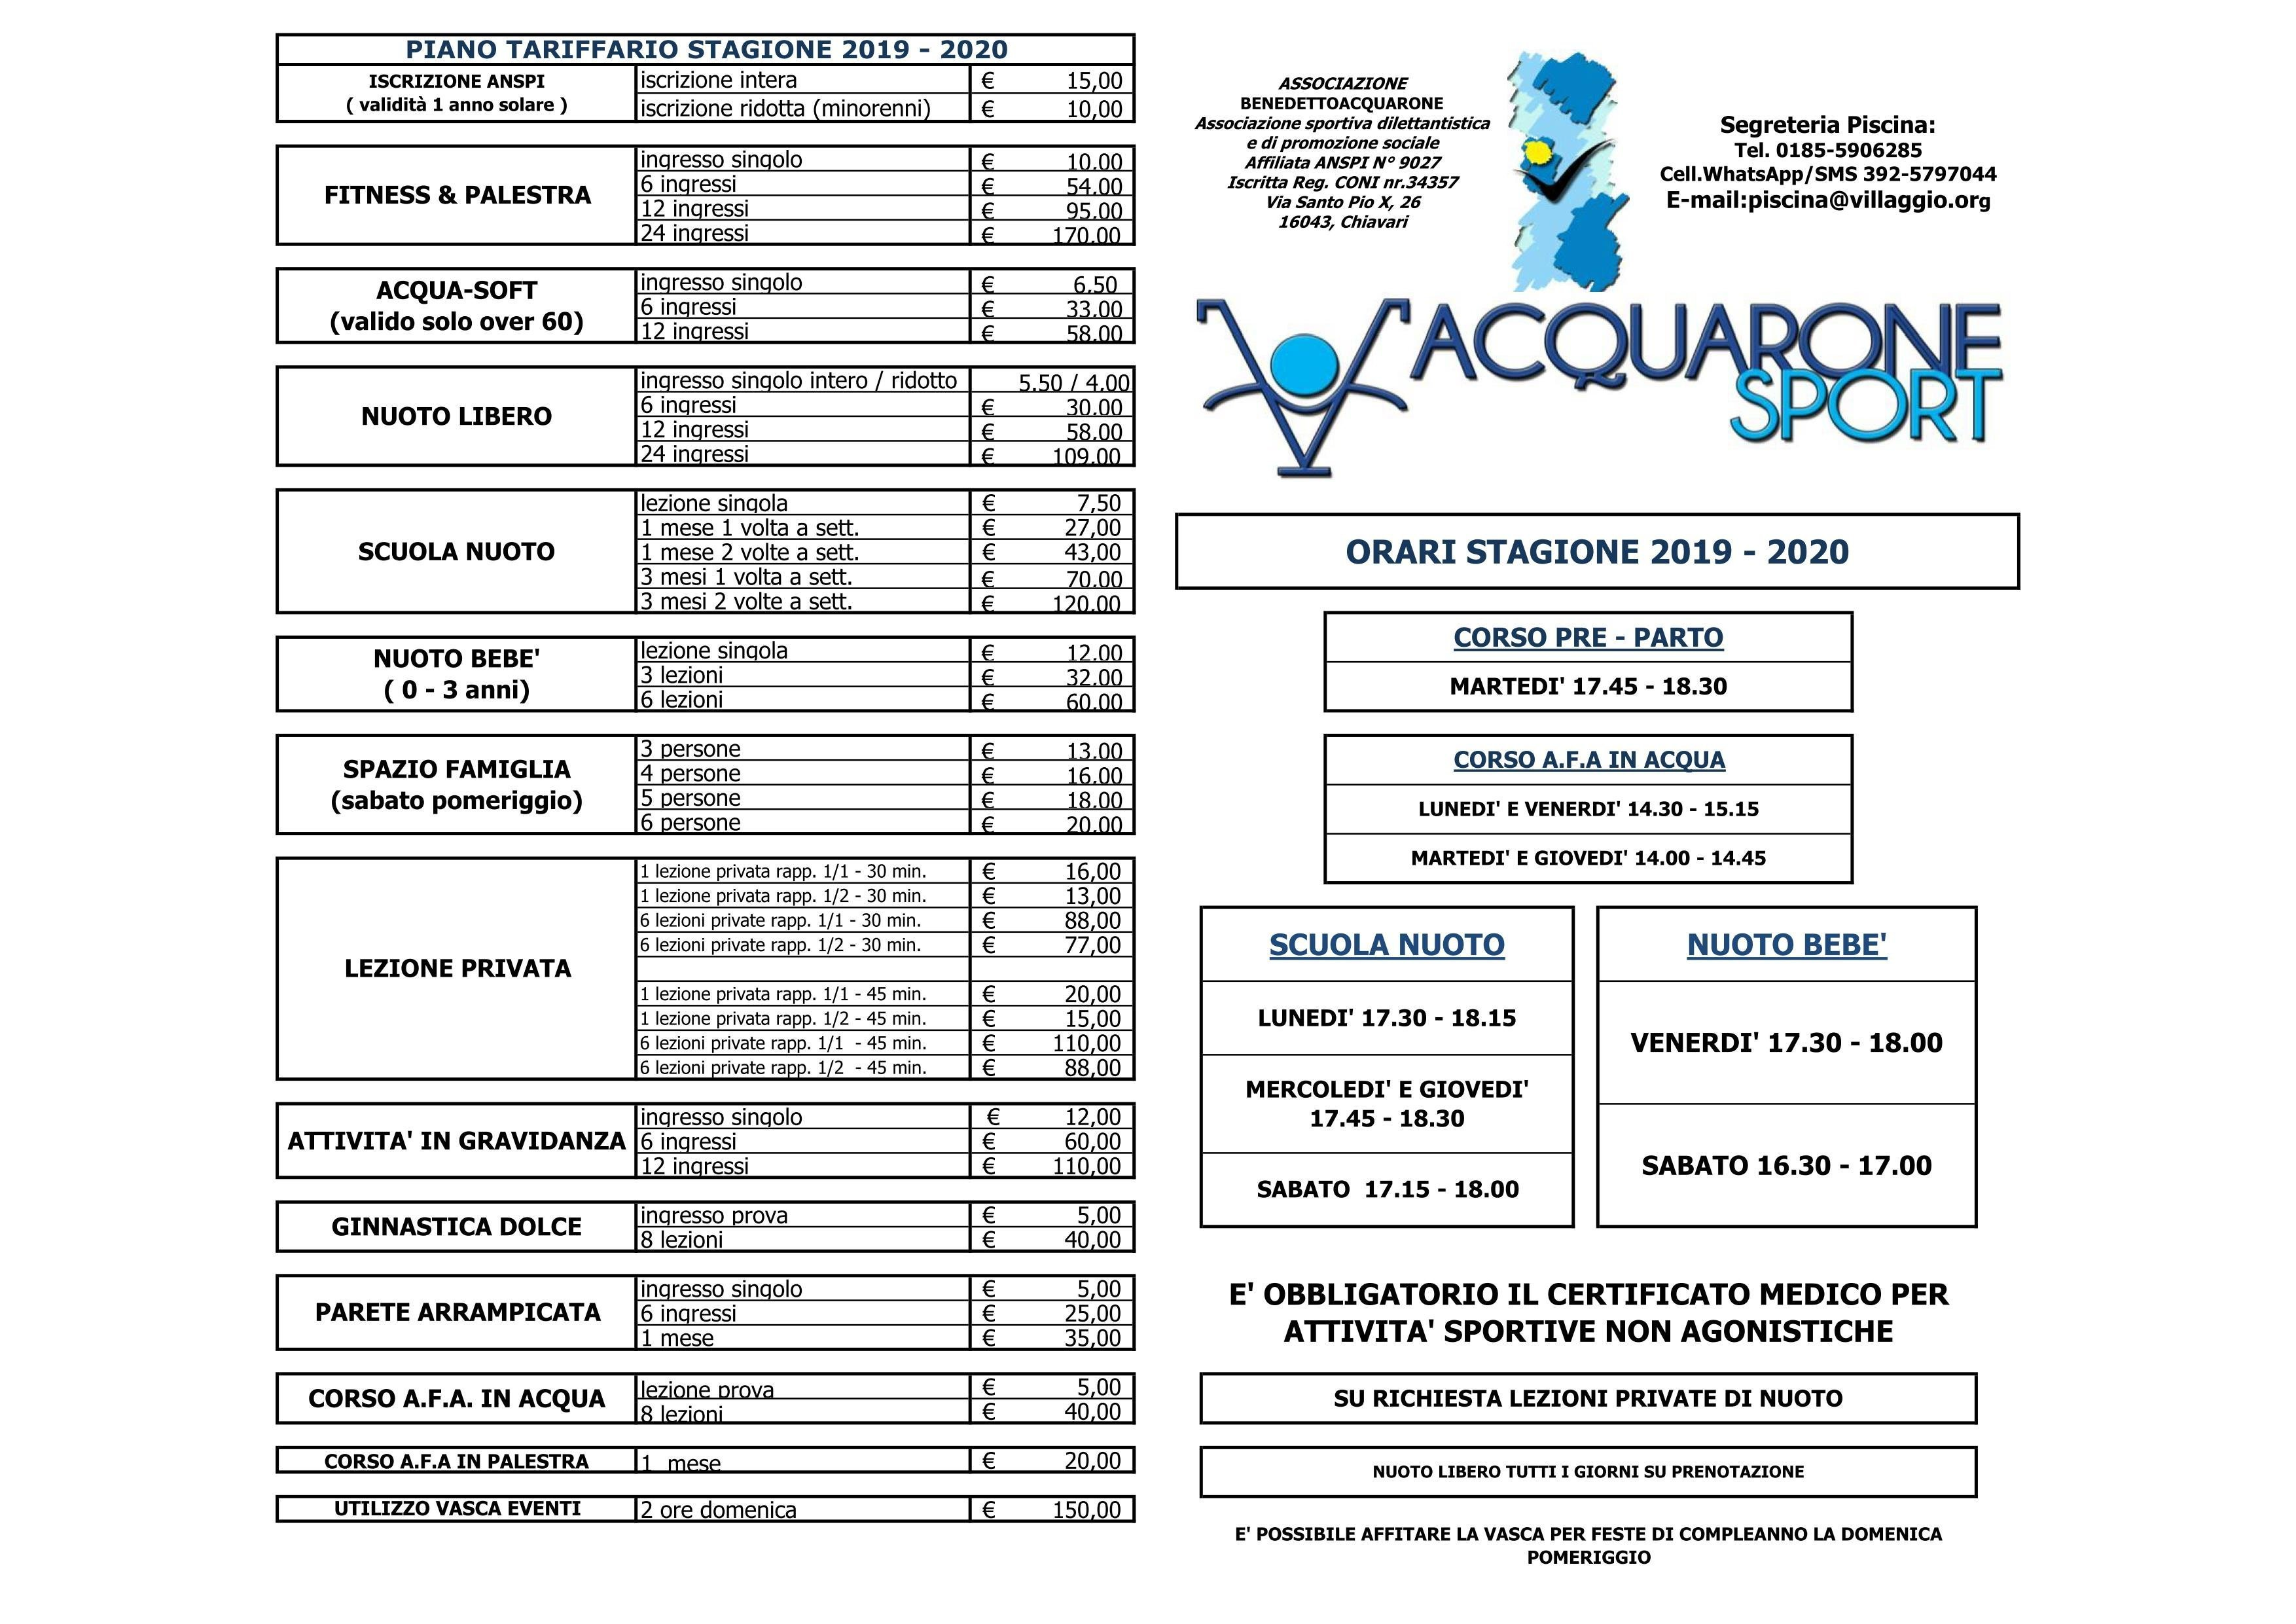 Acquarone Sport - Prezzi 2019-2020